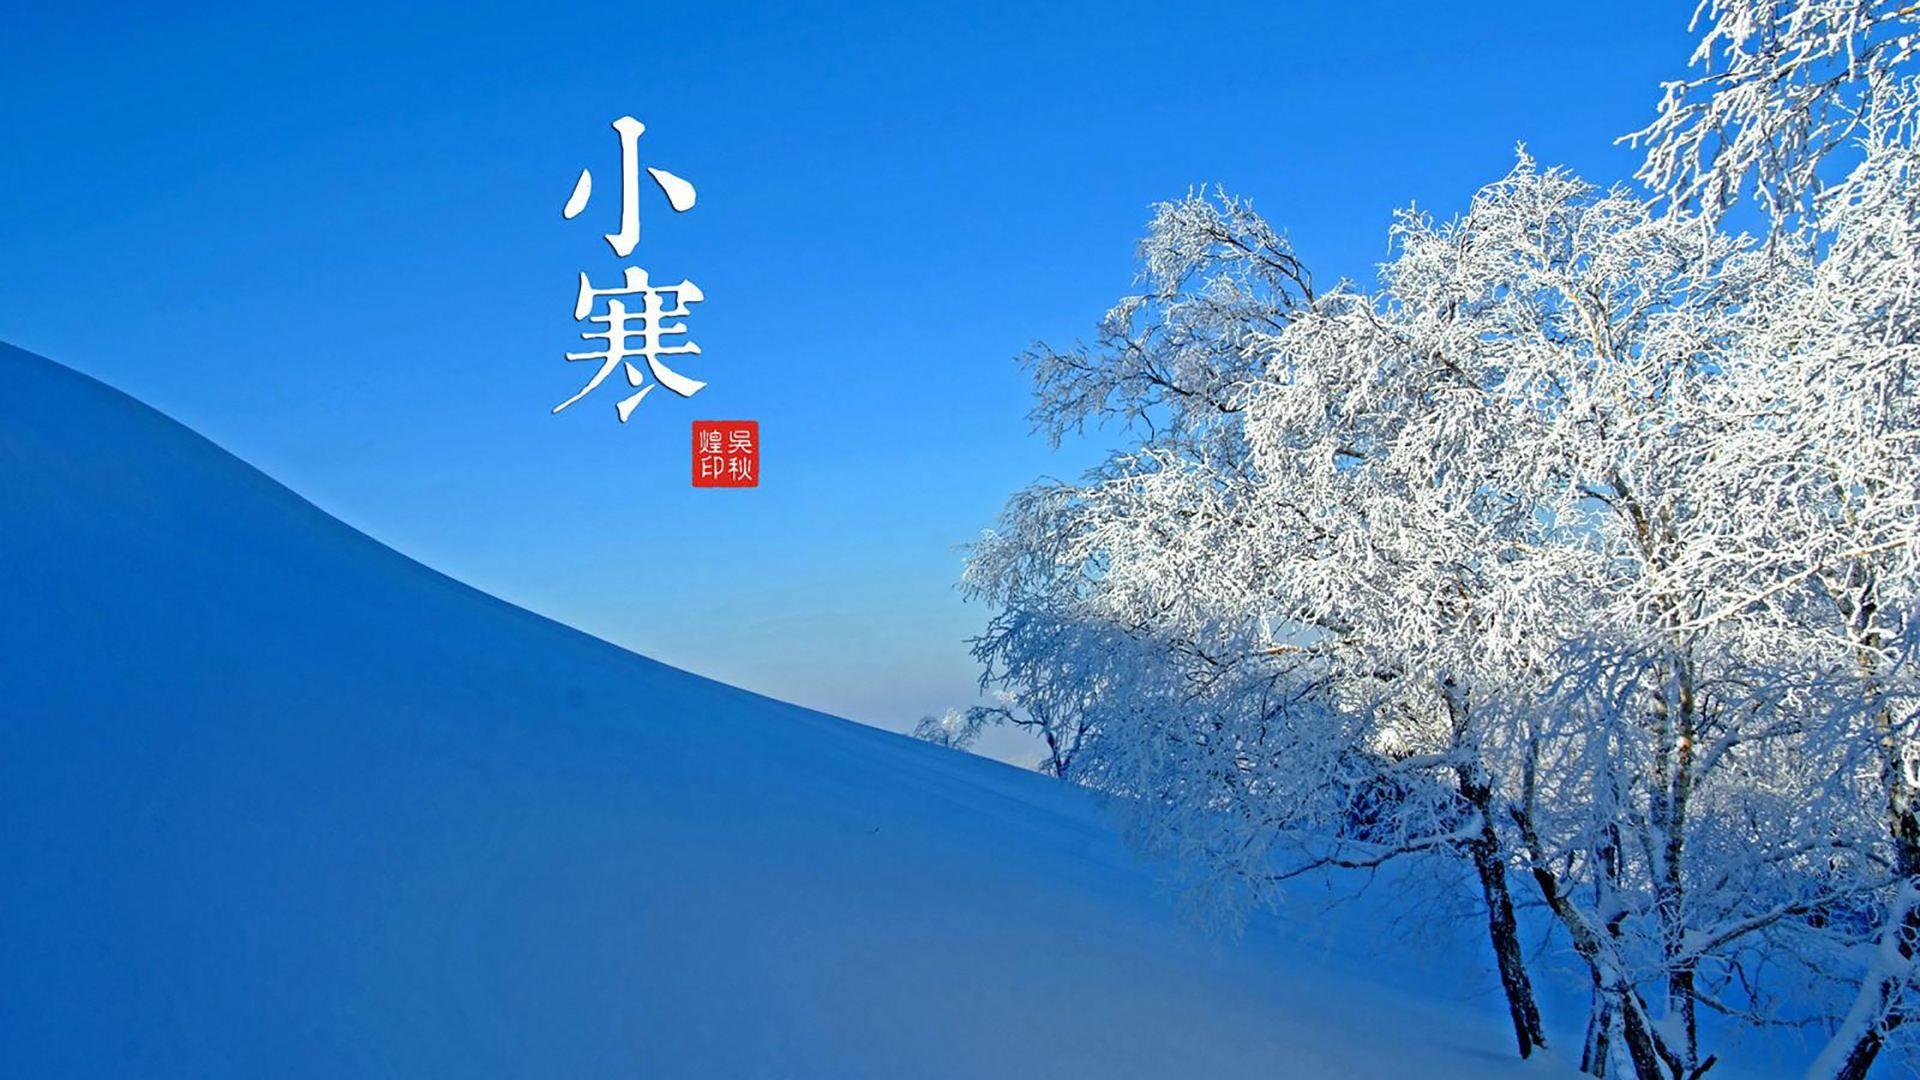 碧泉�9�g_霜鹰近北首,雊雉隐丛茅. 莫怪严凝切,春冬正月交.